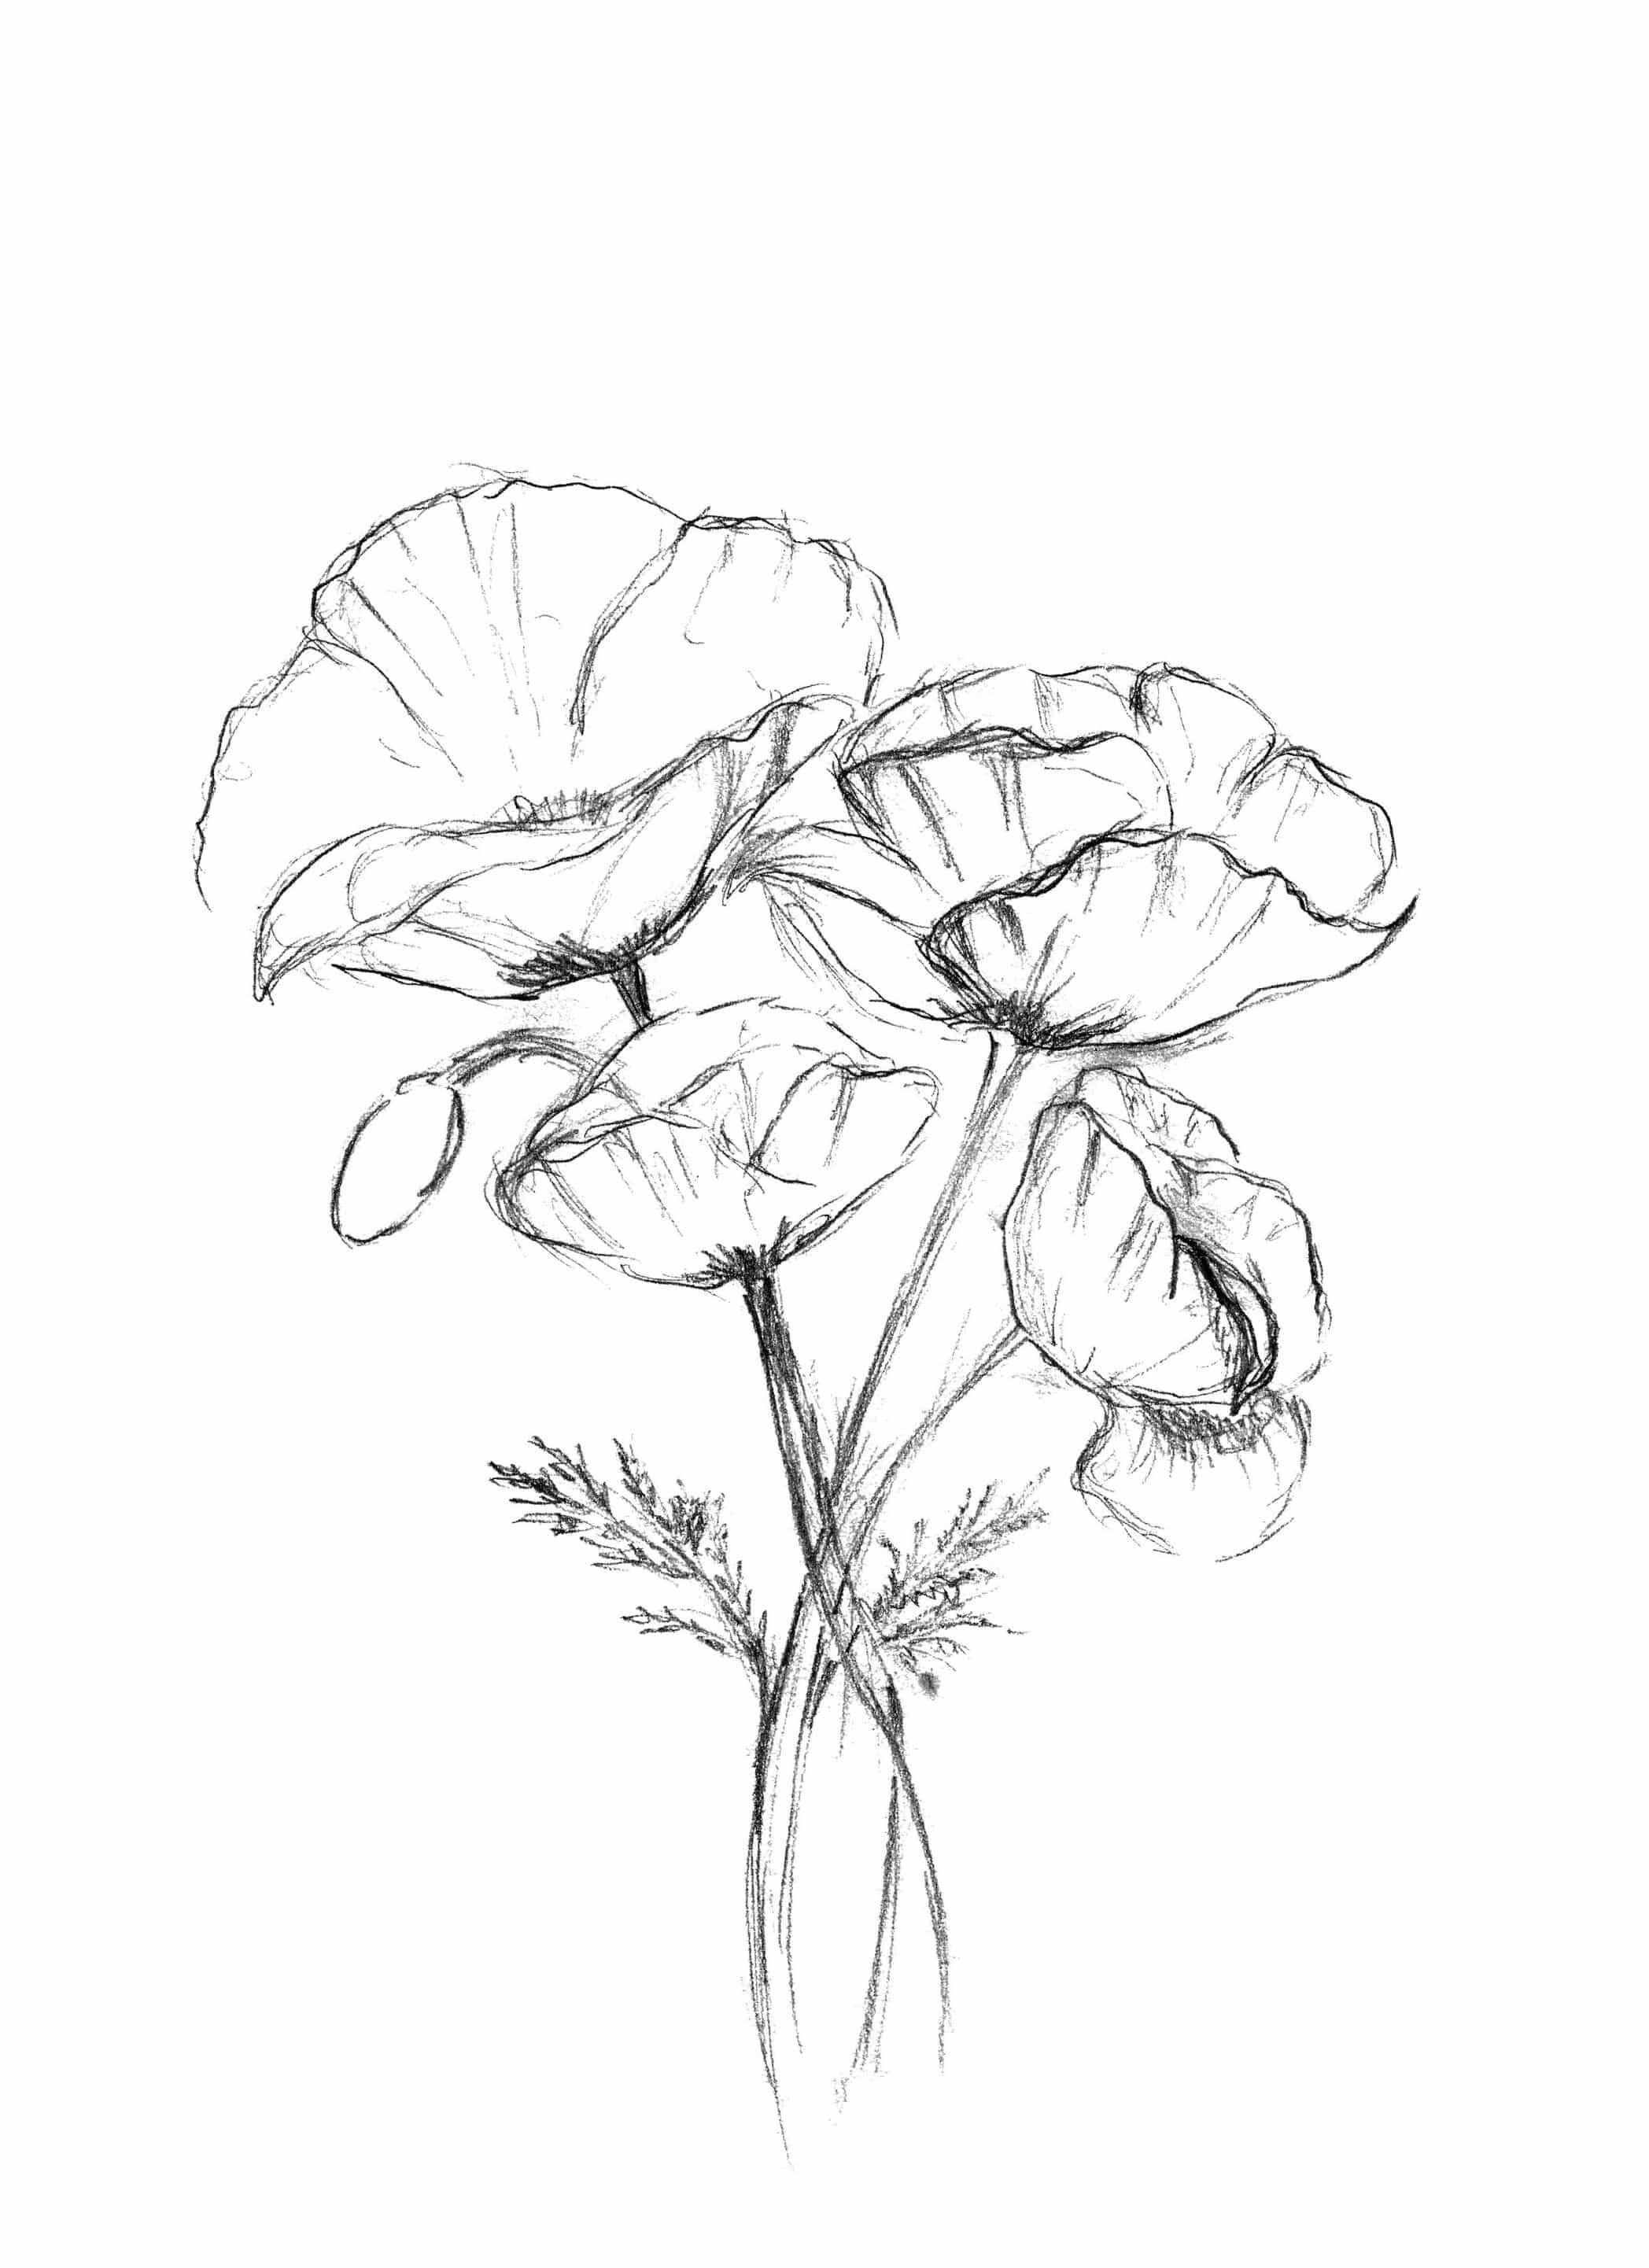 Esquisse aux graphites d'un bouquet de coquelicots réalisée par l'artiste peintre Virginie Brassart